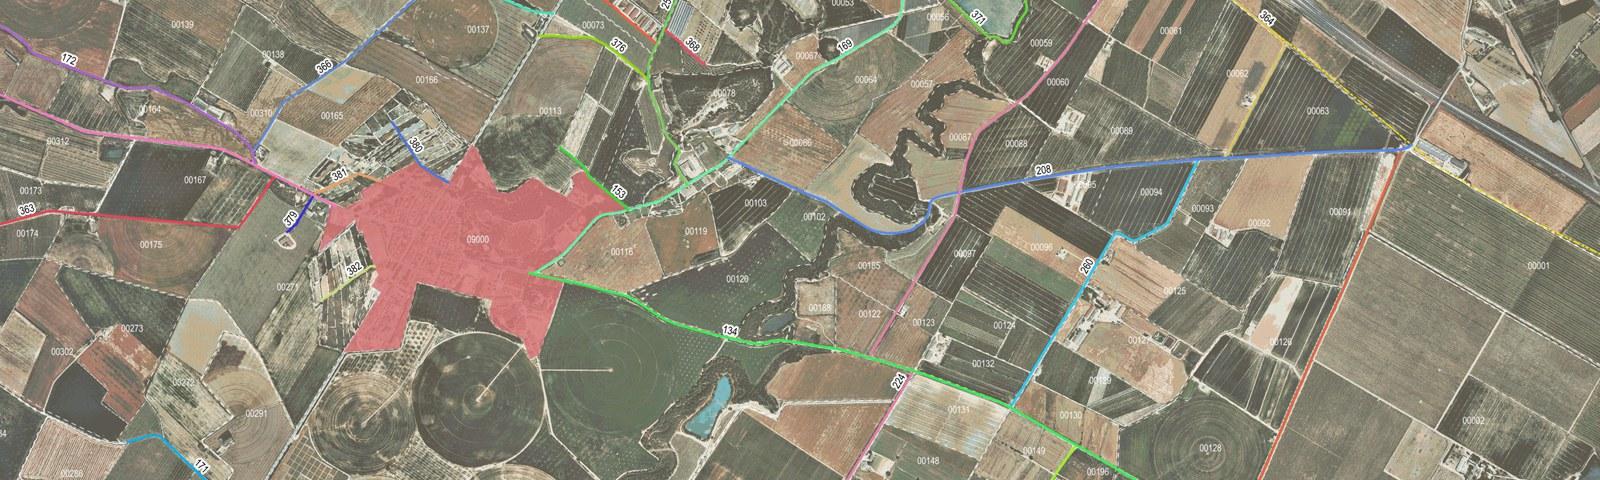 Compleció i millora de l'inventari de camins de Lleida